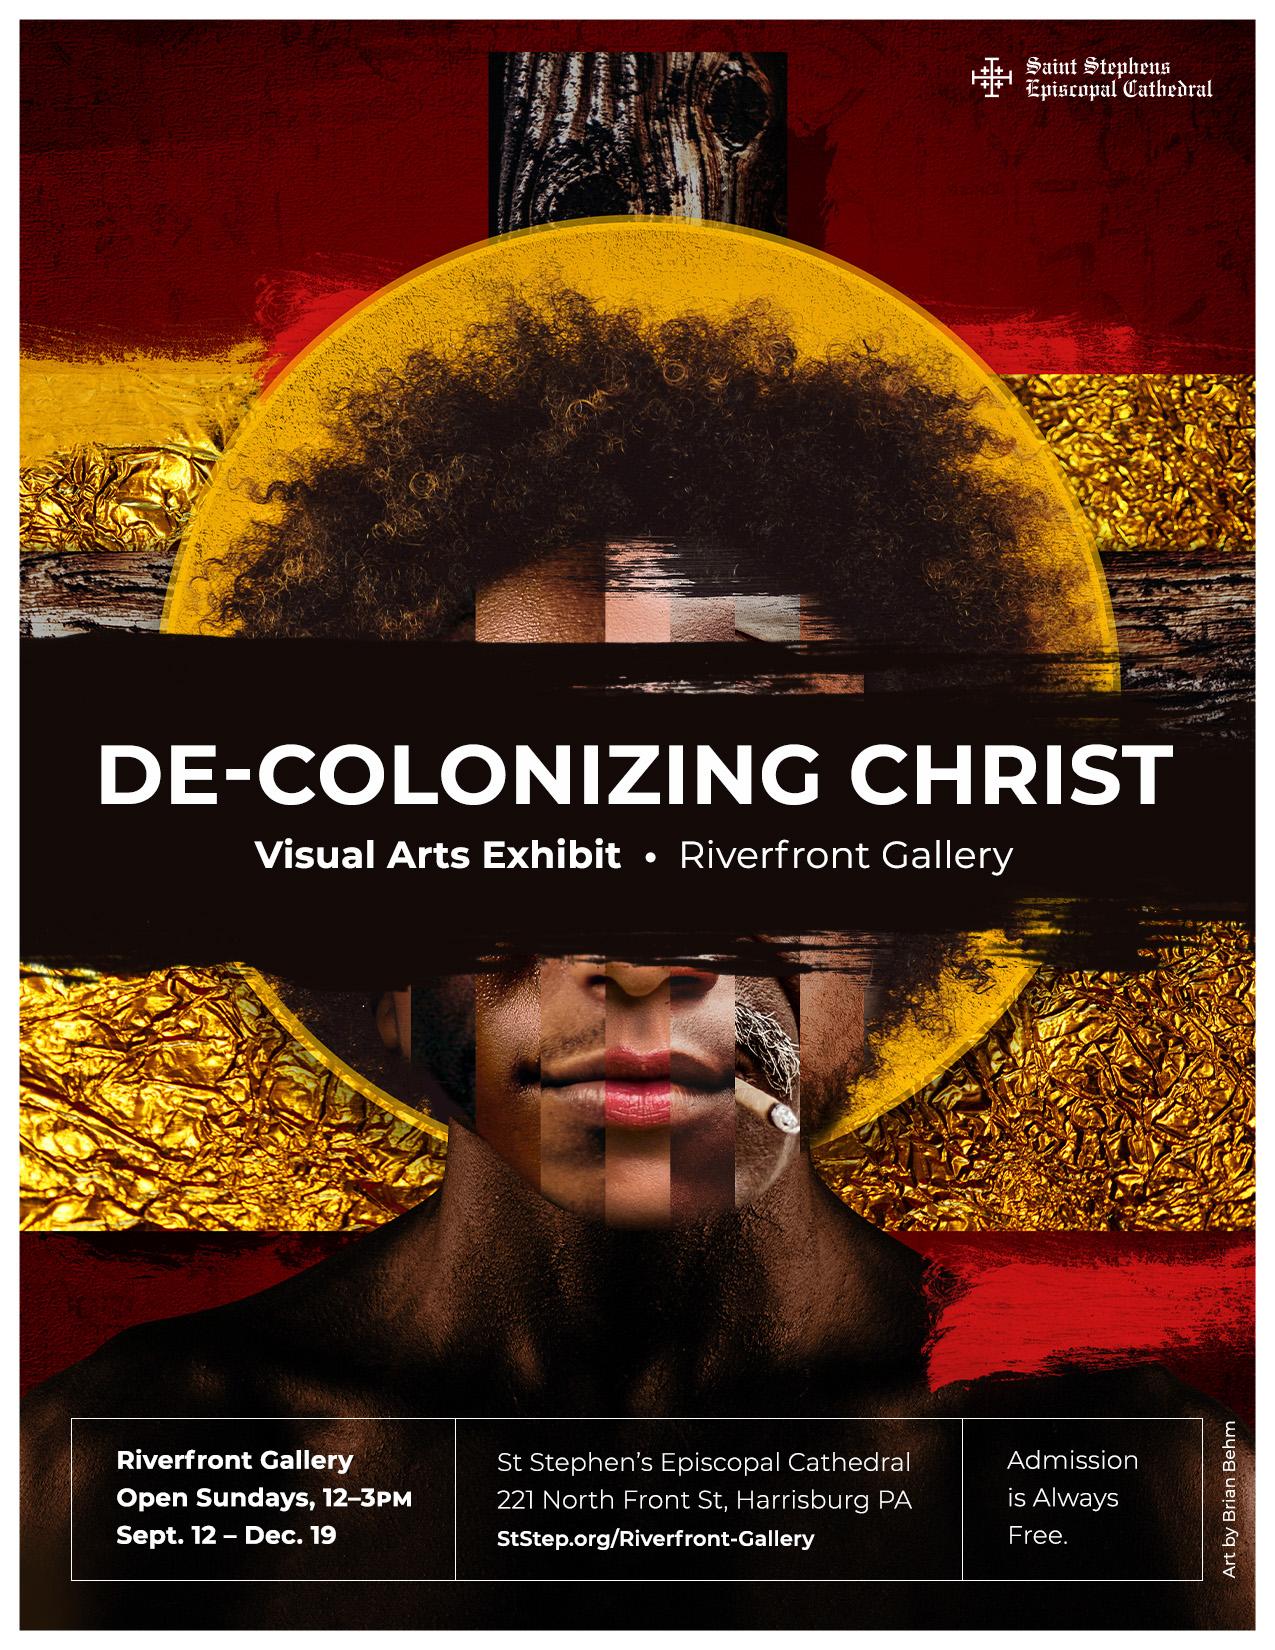 De-Colonizing Christ exhibition poster